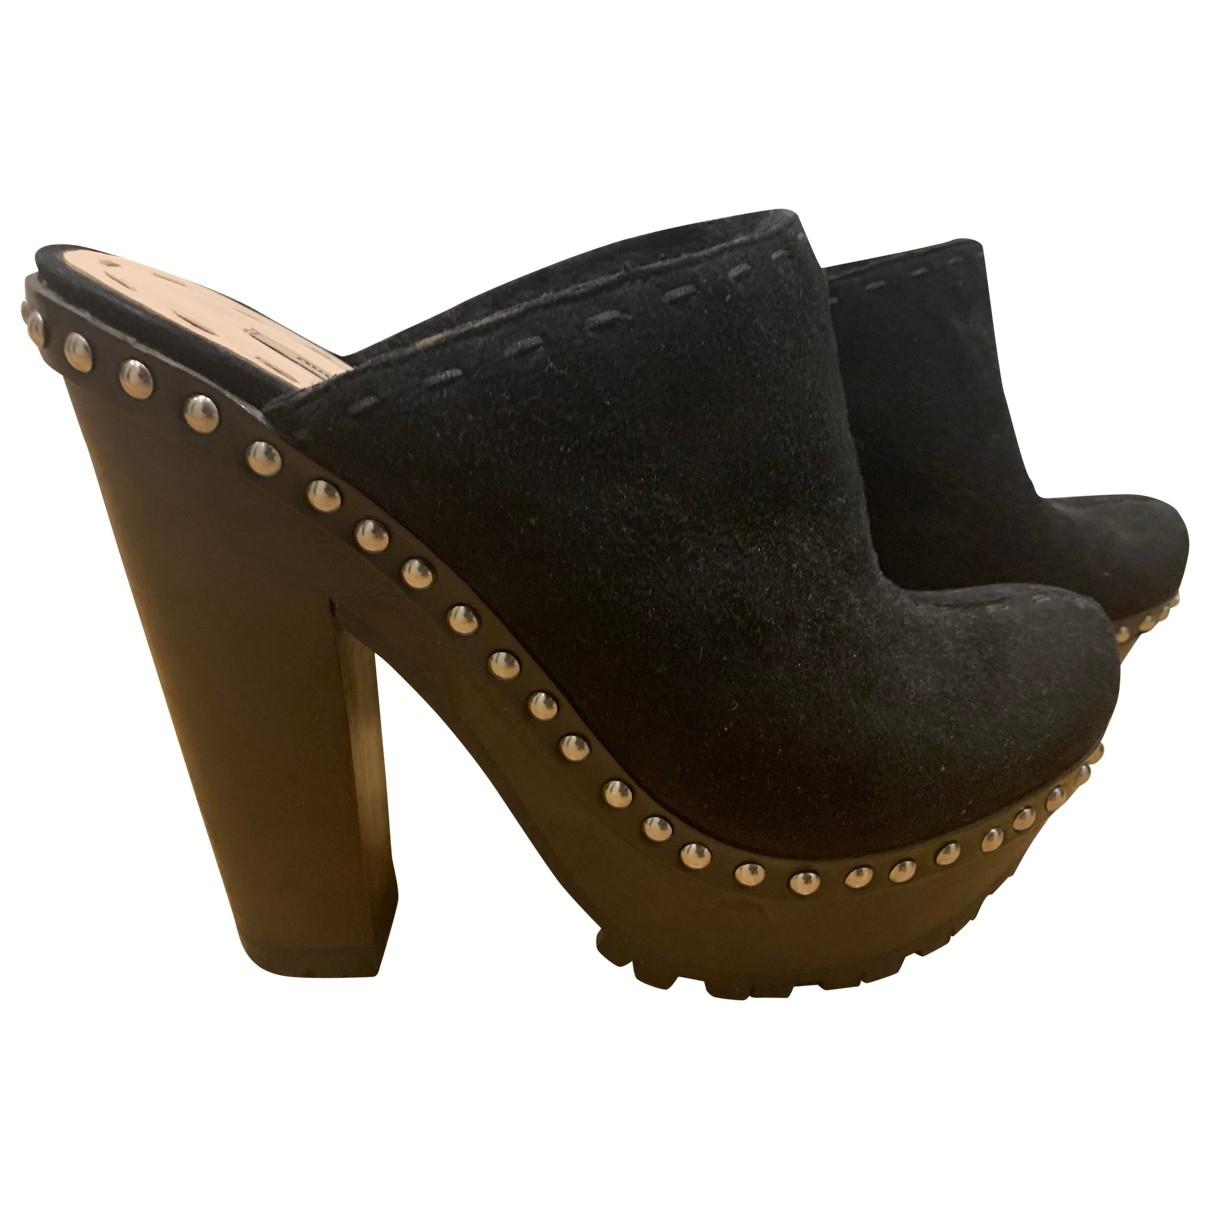 Miu Miu \N Black Suede Mules & Clogs for Women 40.5 EU